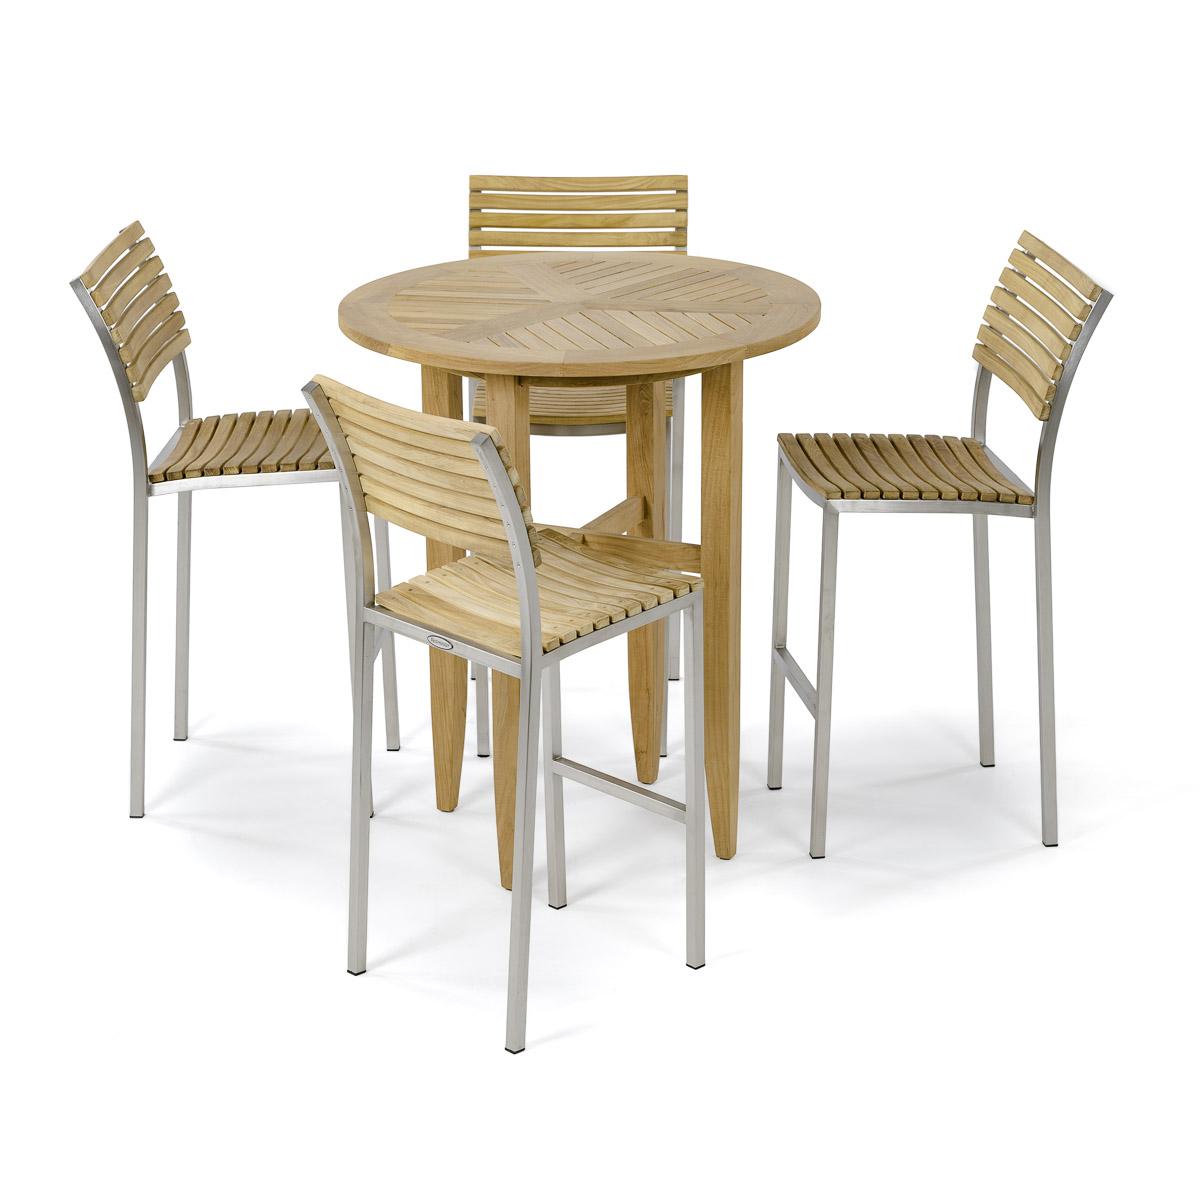 5 Pc Round Teak Pub Table And Stools Westminster Teak